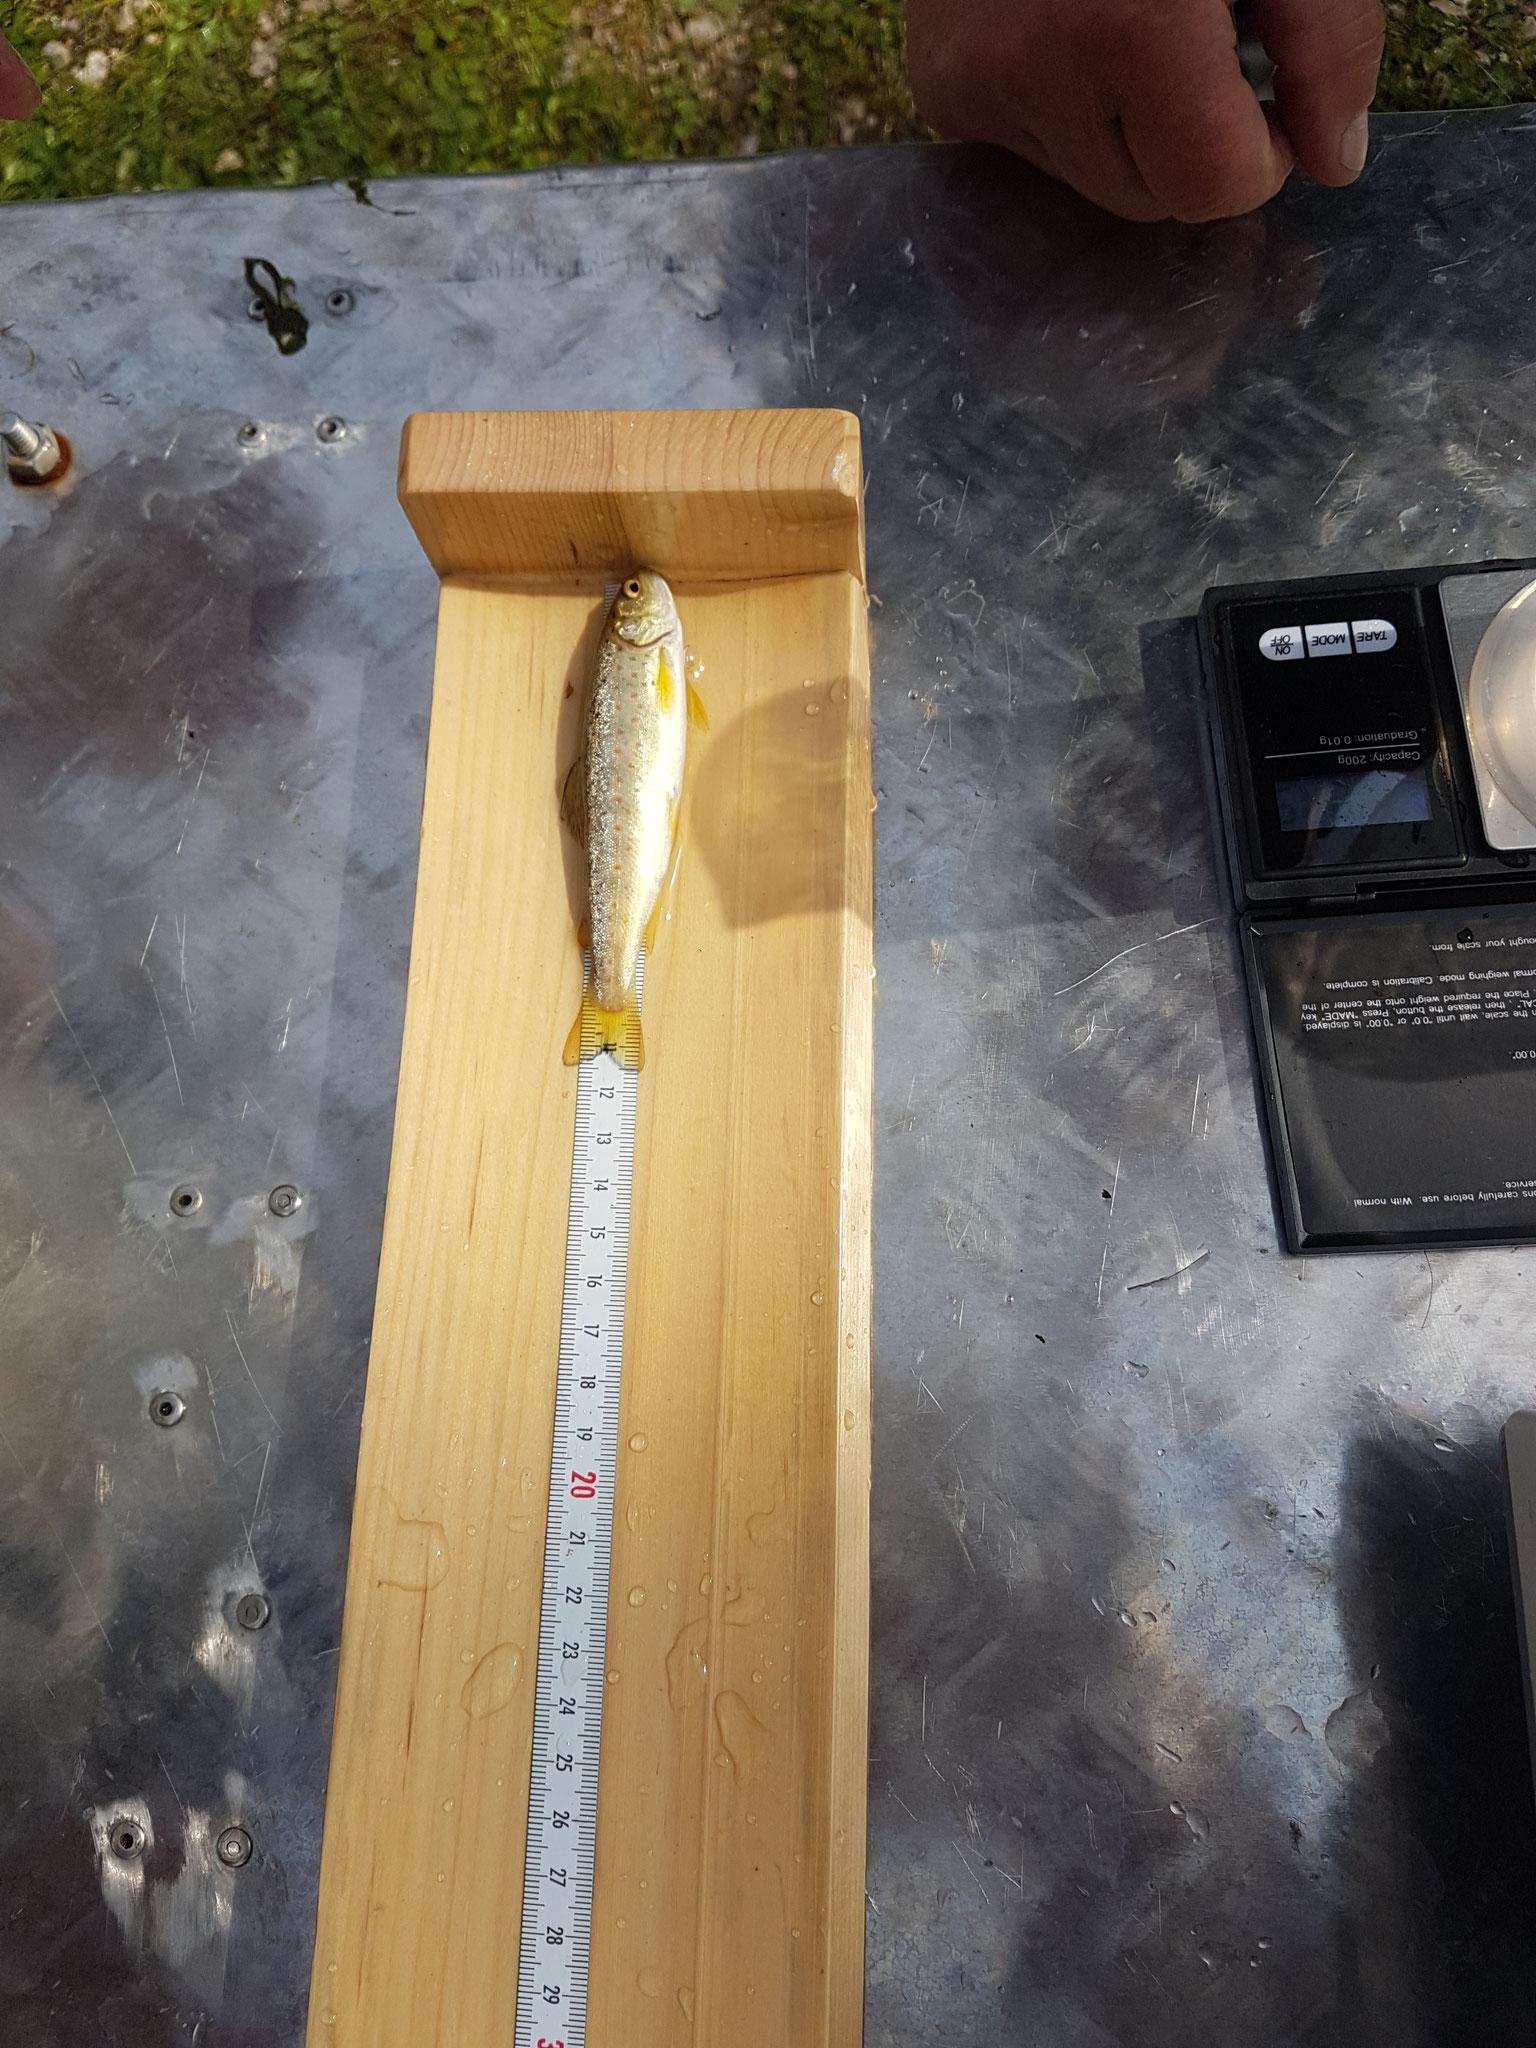 Längen-/Gewichtsbestimmung